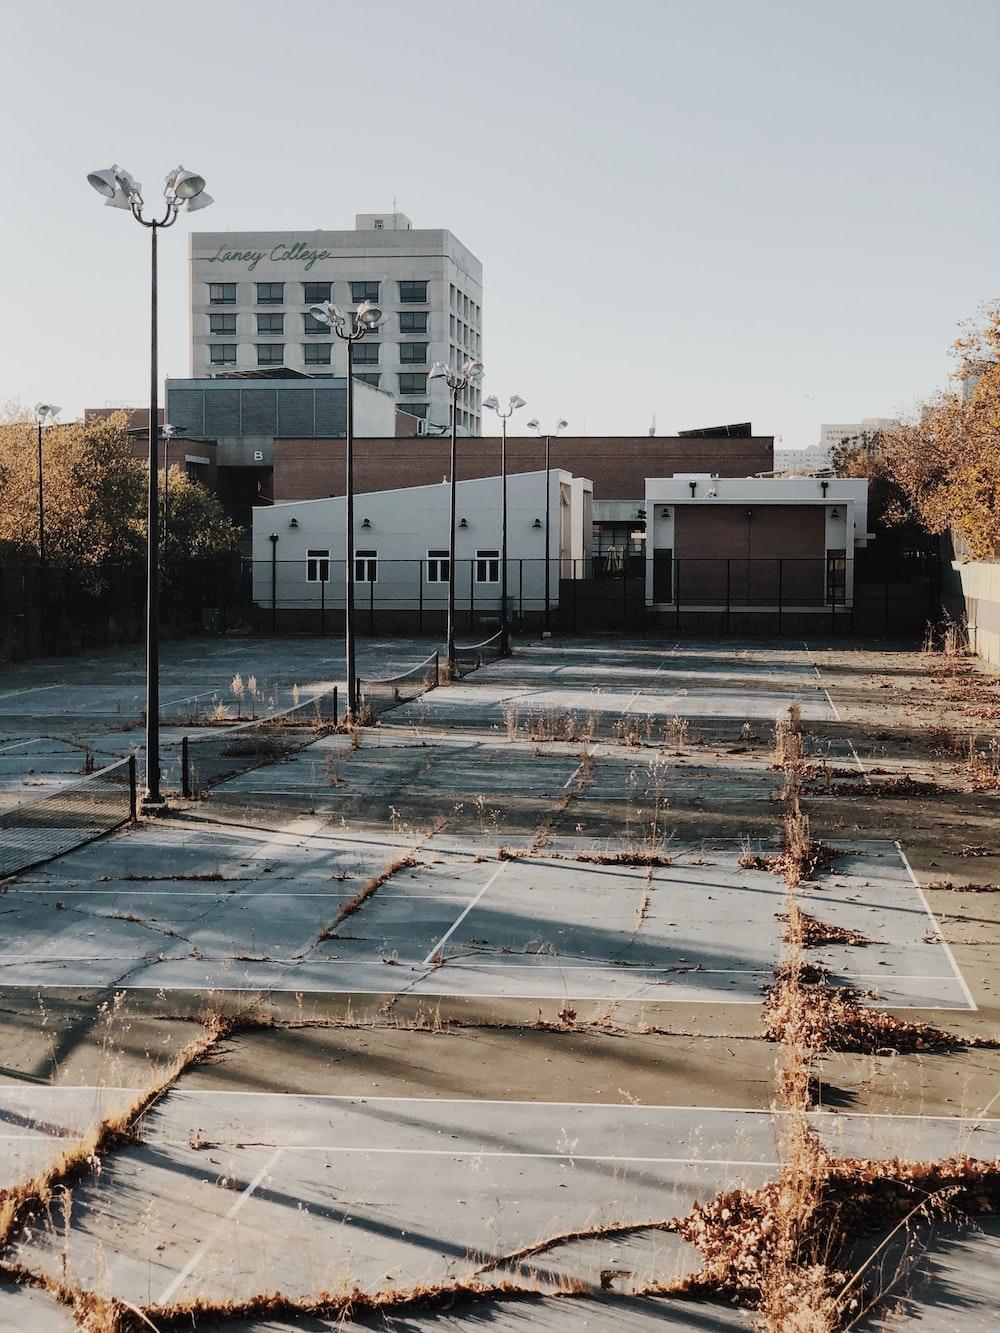 tennis court during daytime